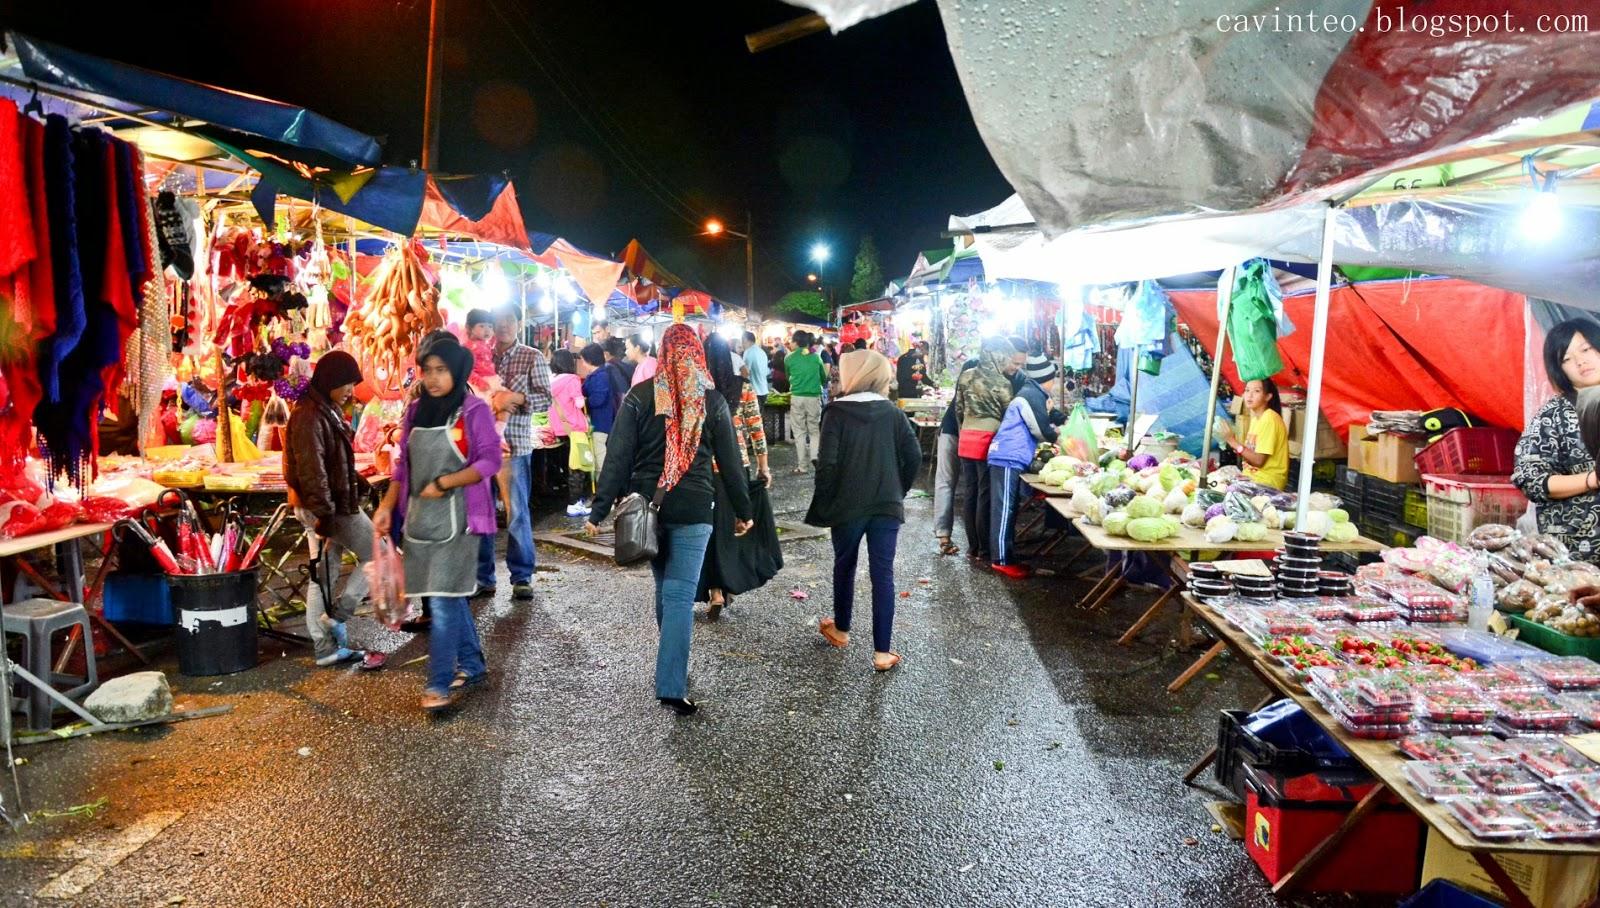 Entree Kibbles Cameron Highlands Pasar Malam Night Market Brinchang Town Malaysia